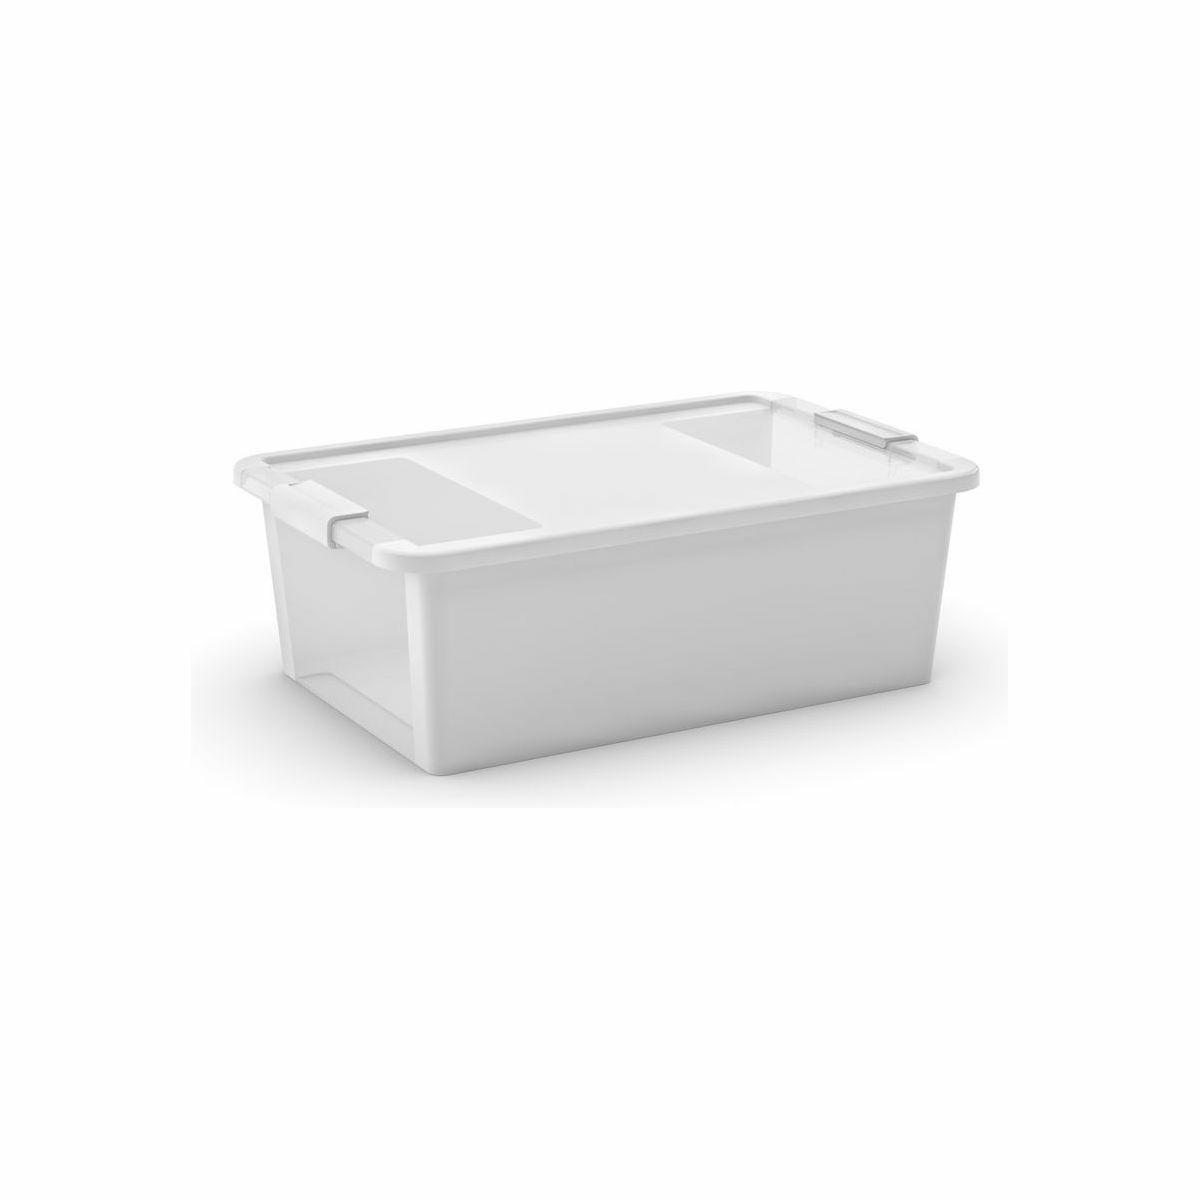 KIS Bi Box M - bíly 26l 008453WHWHTR